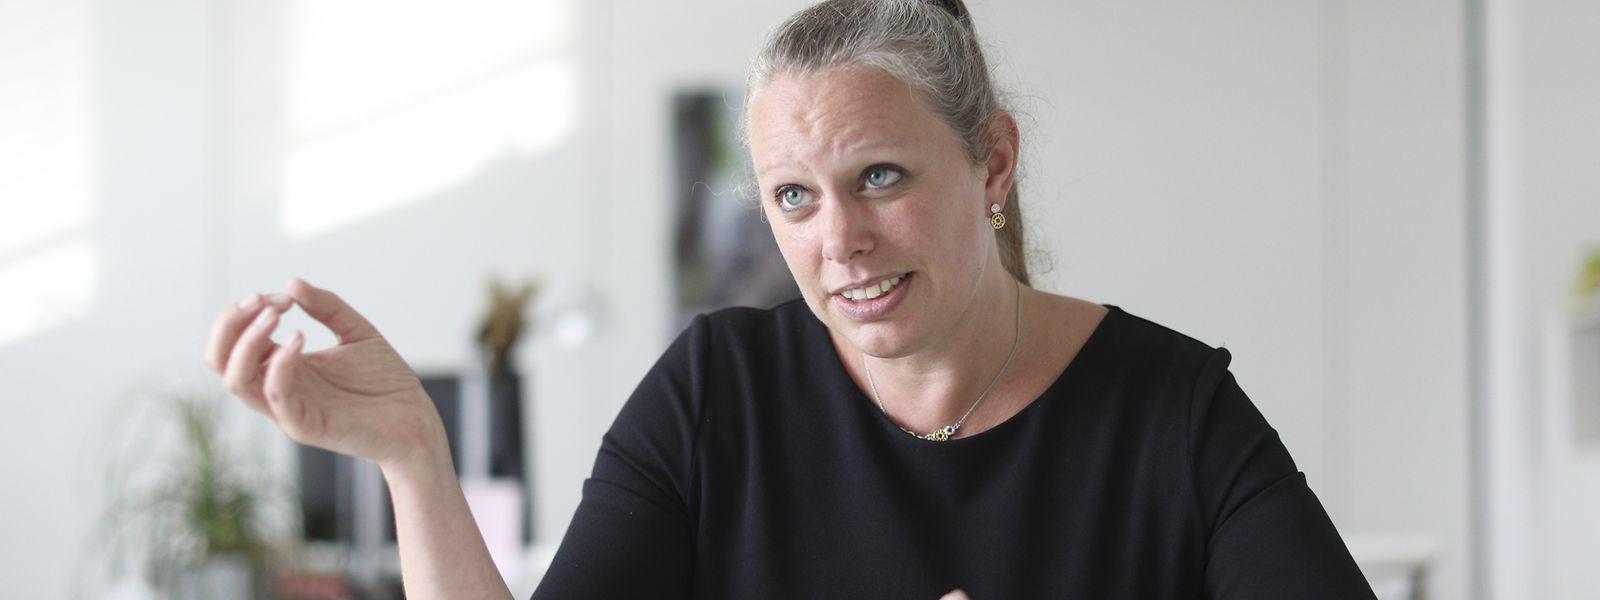 """""""Keinen Klimaschutz können wir uns nicht leisten"""": Für Ministerin Dieschbourg ist das ehrgeizige Engagement der Regierung alternativlos."""